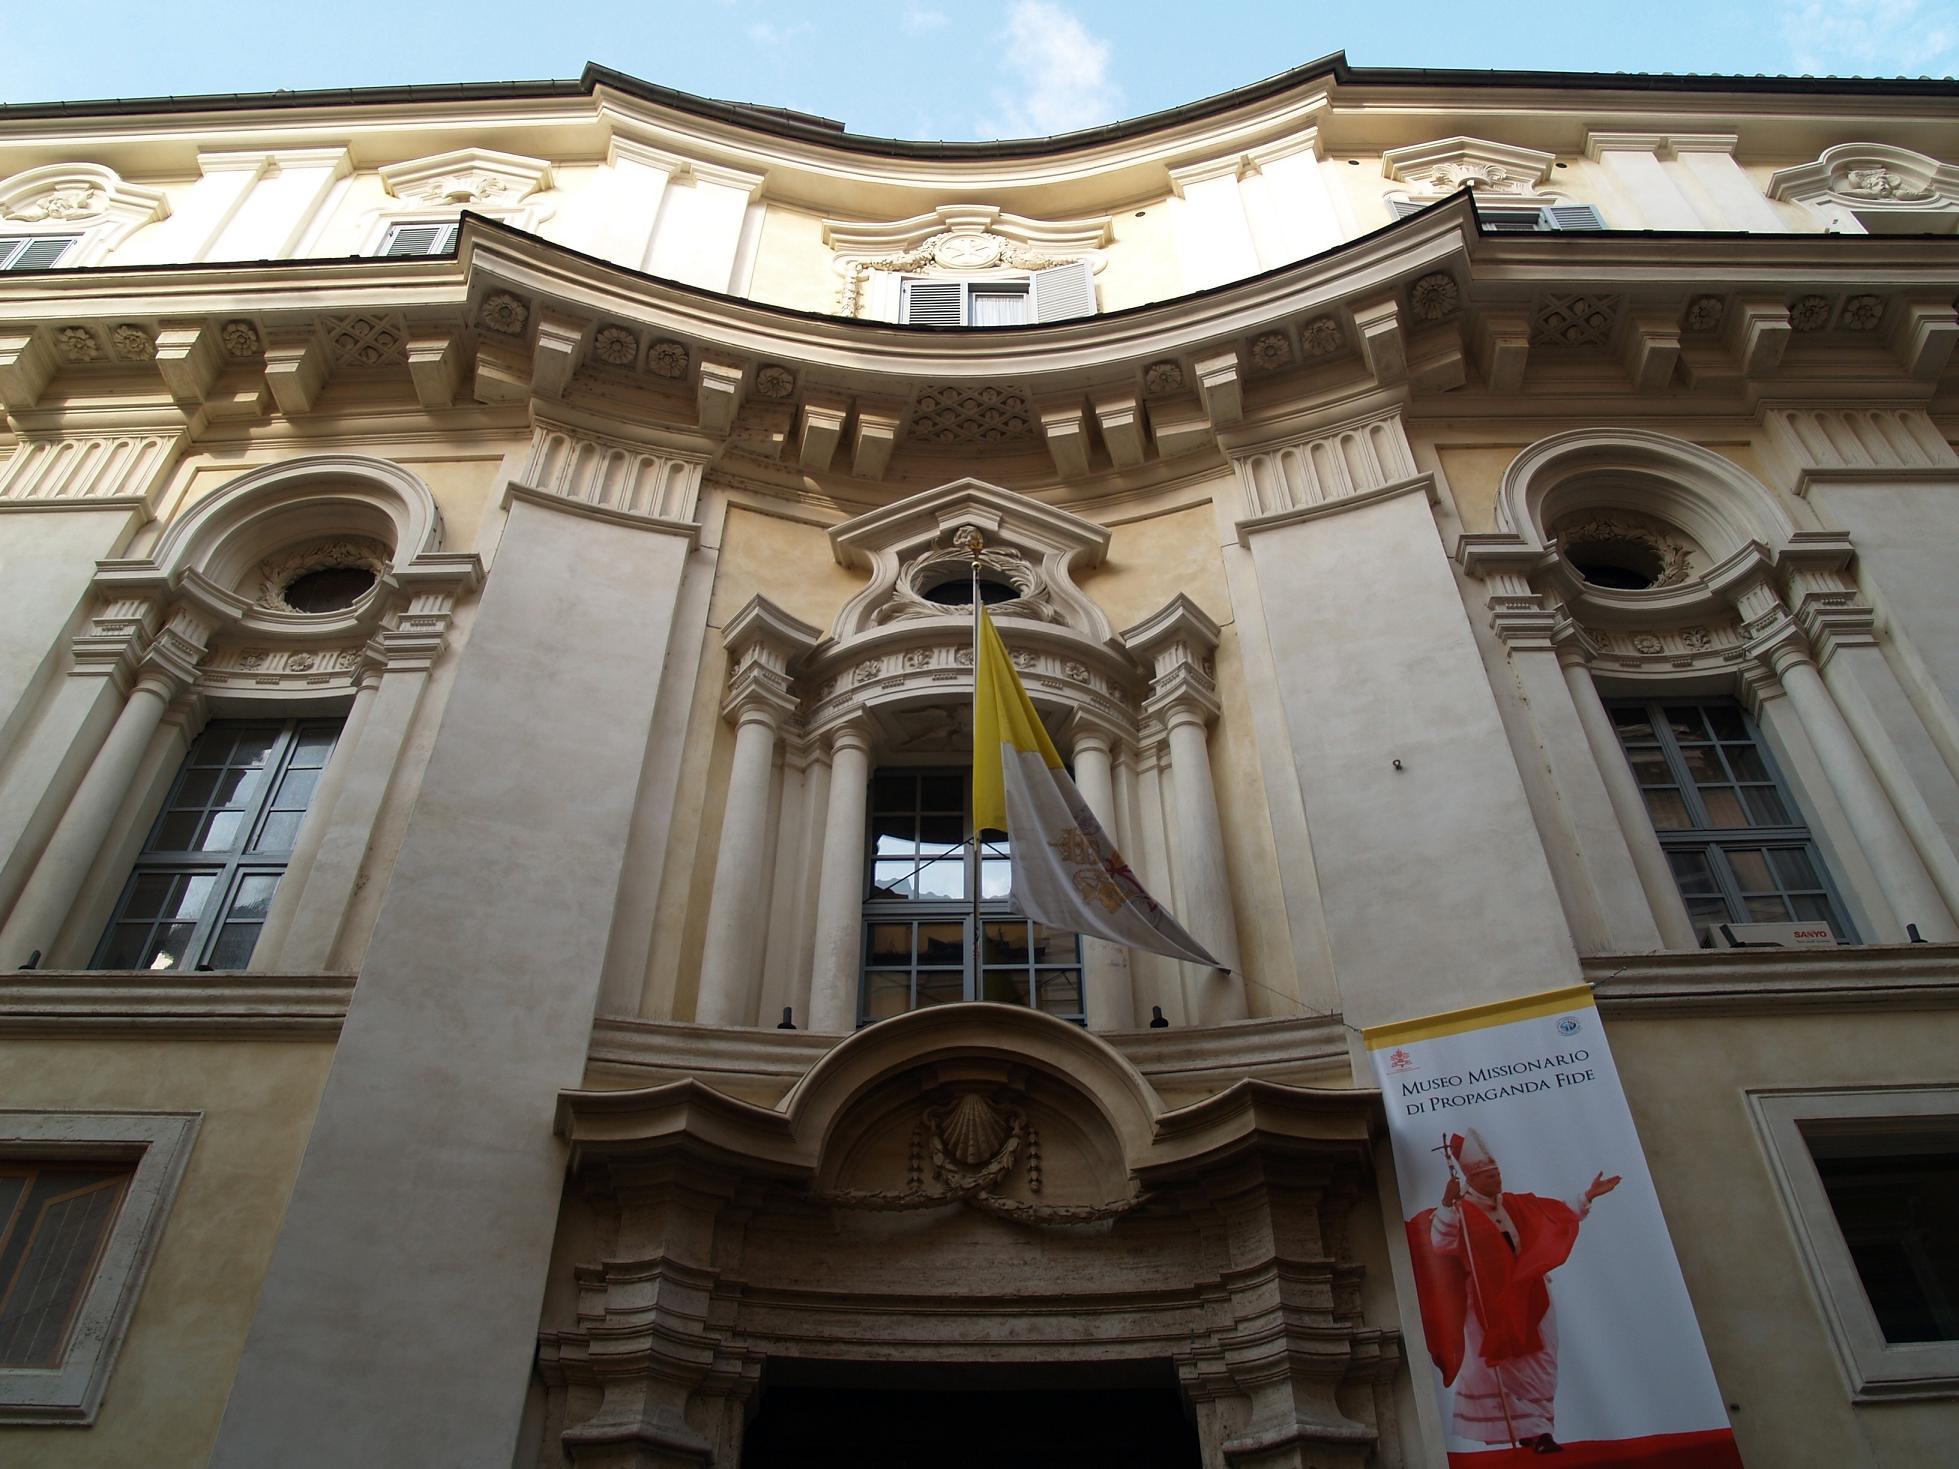 Palace of Propaganda Fide - Francesco Borromini